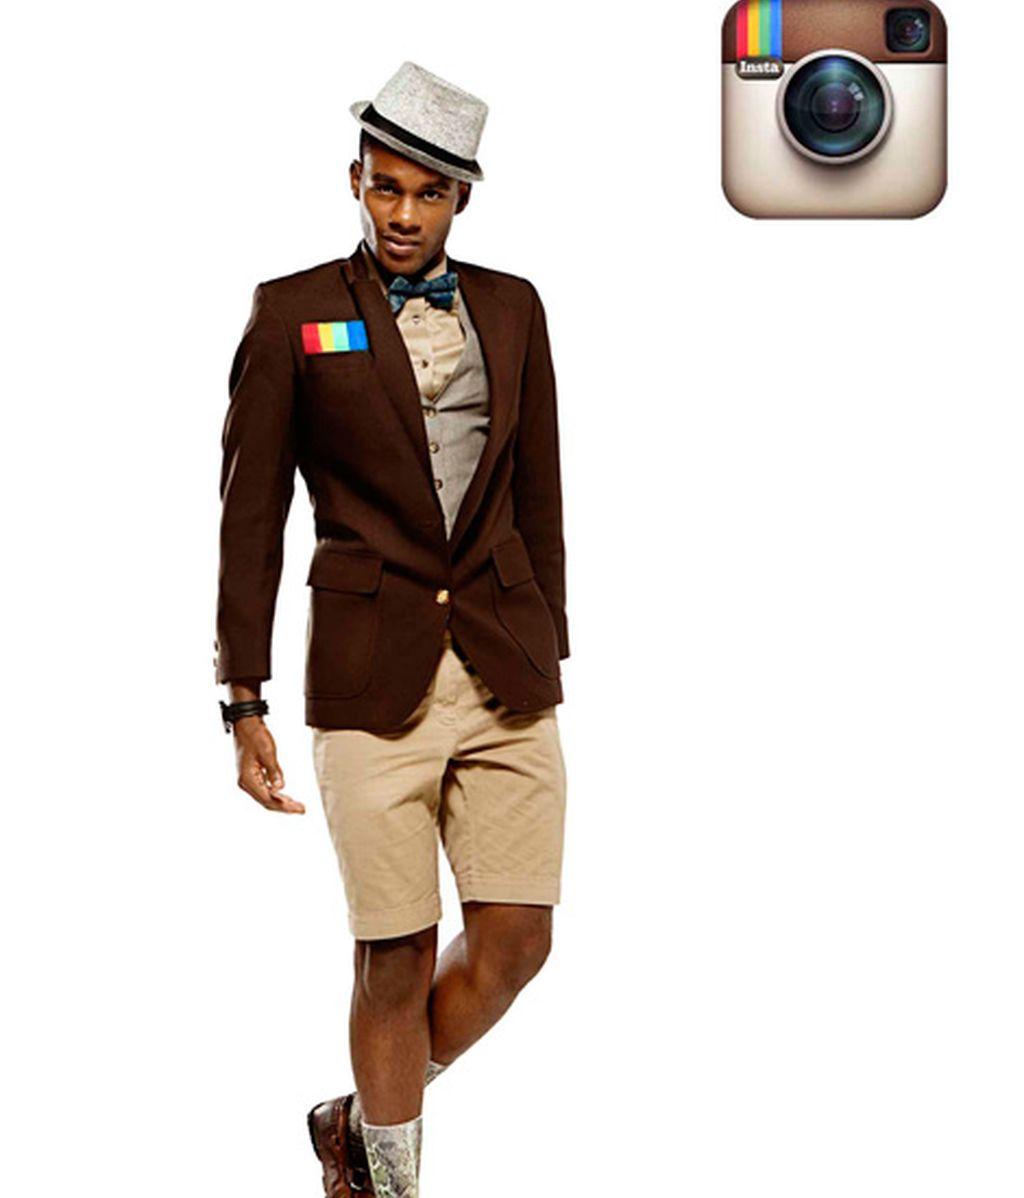 Ocho modelos representan a las redes sociales más populares